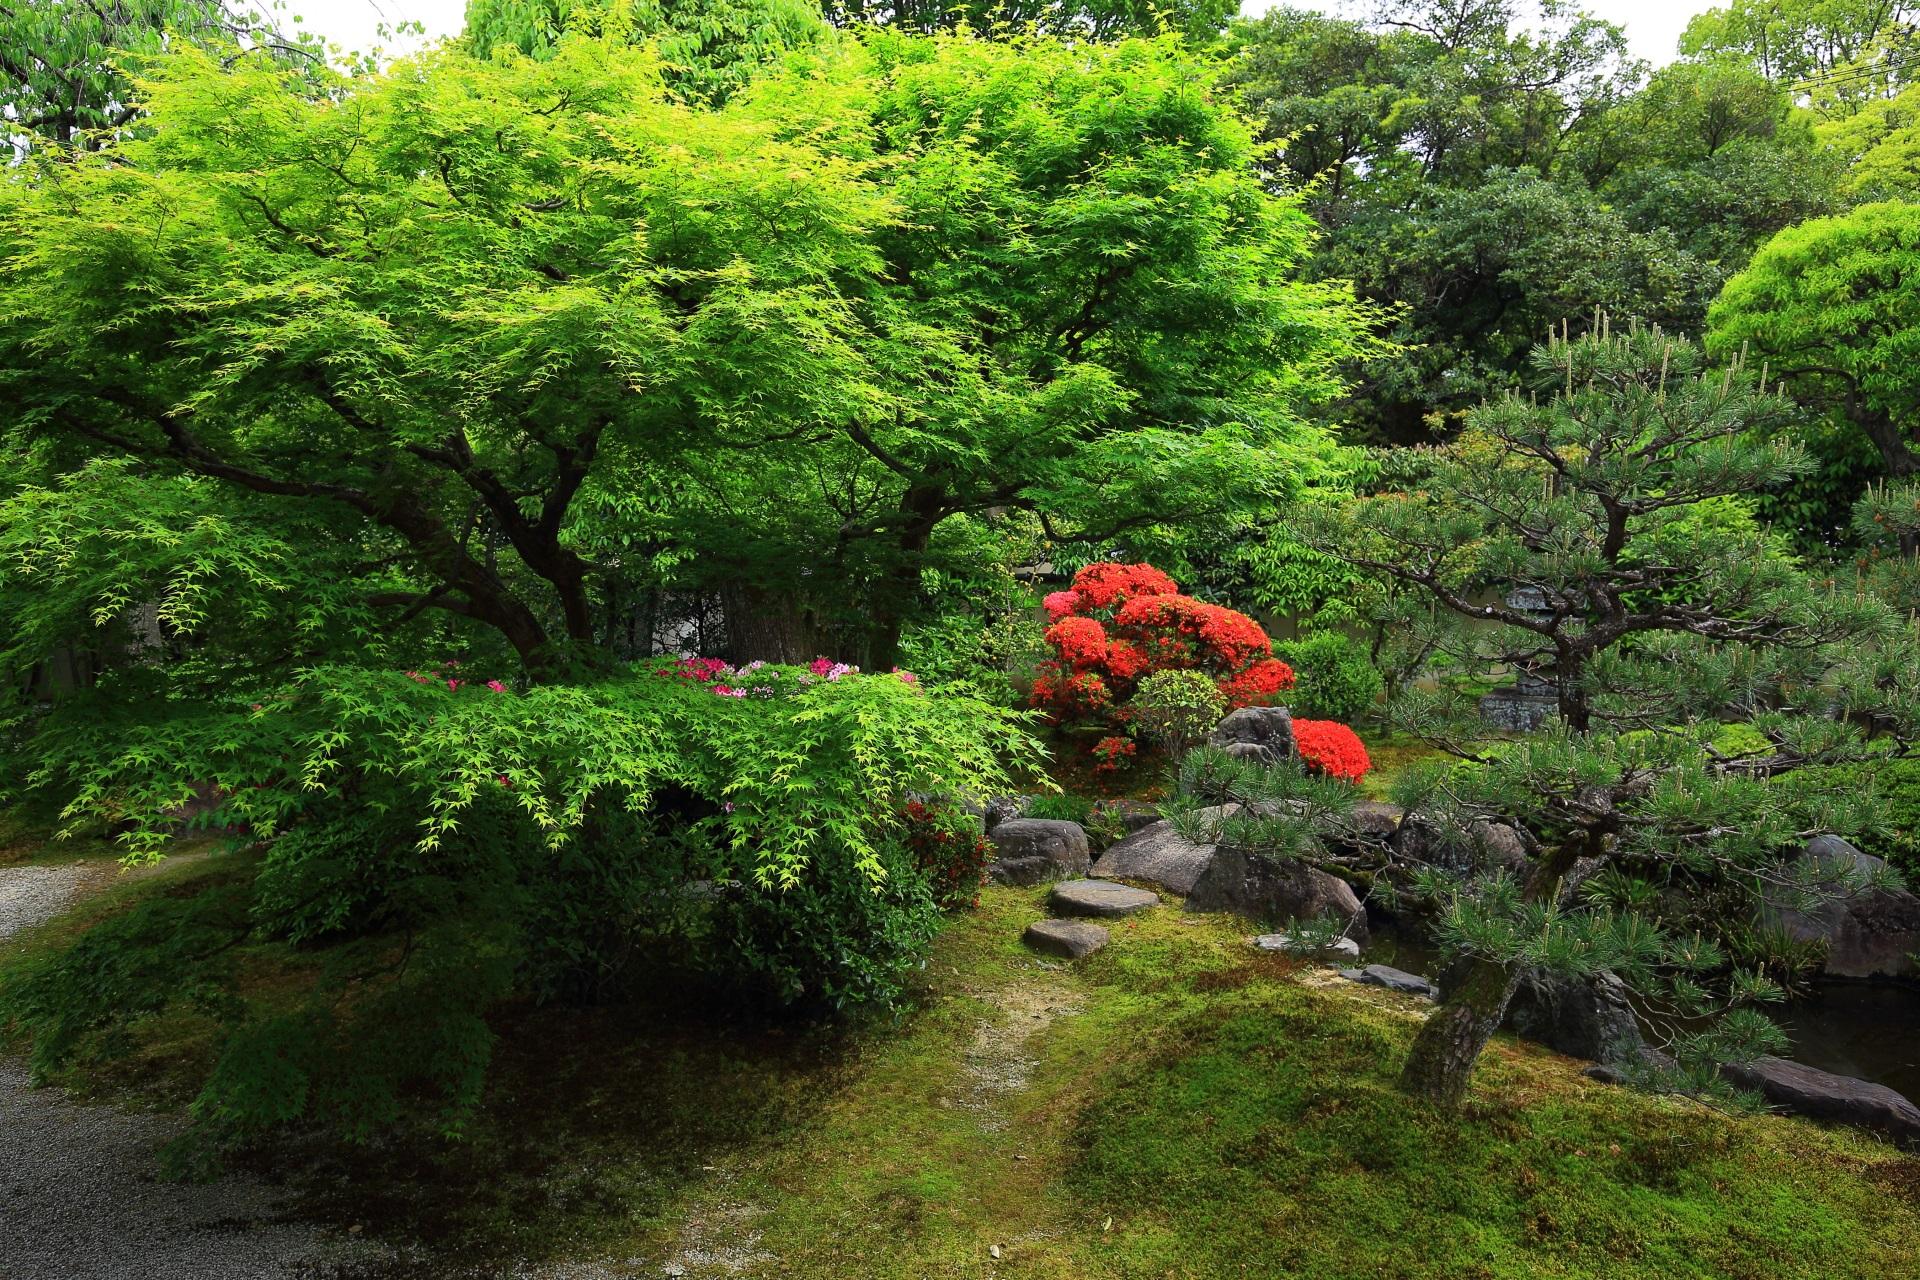 庭園の奥に見える鮮やかで真っ赤なキリシマツツジ